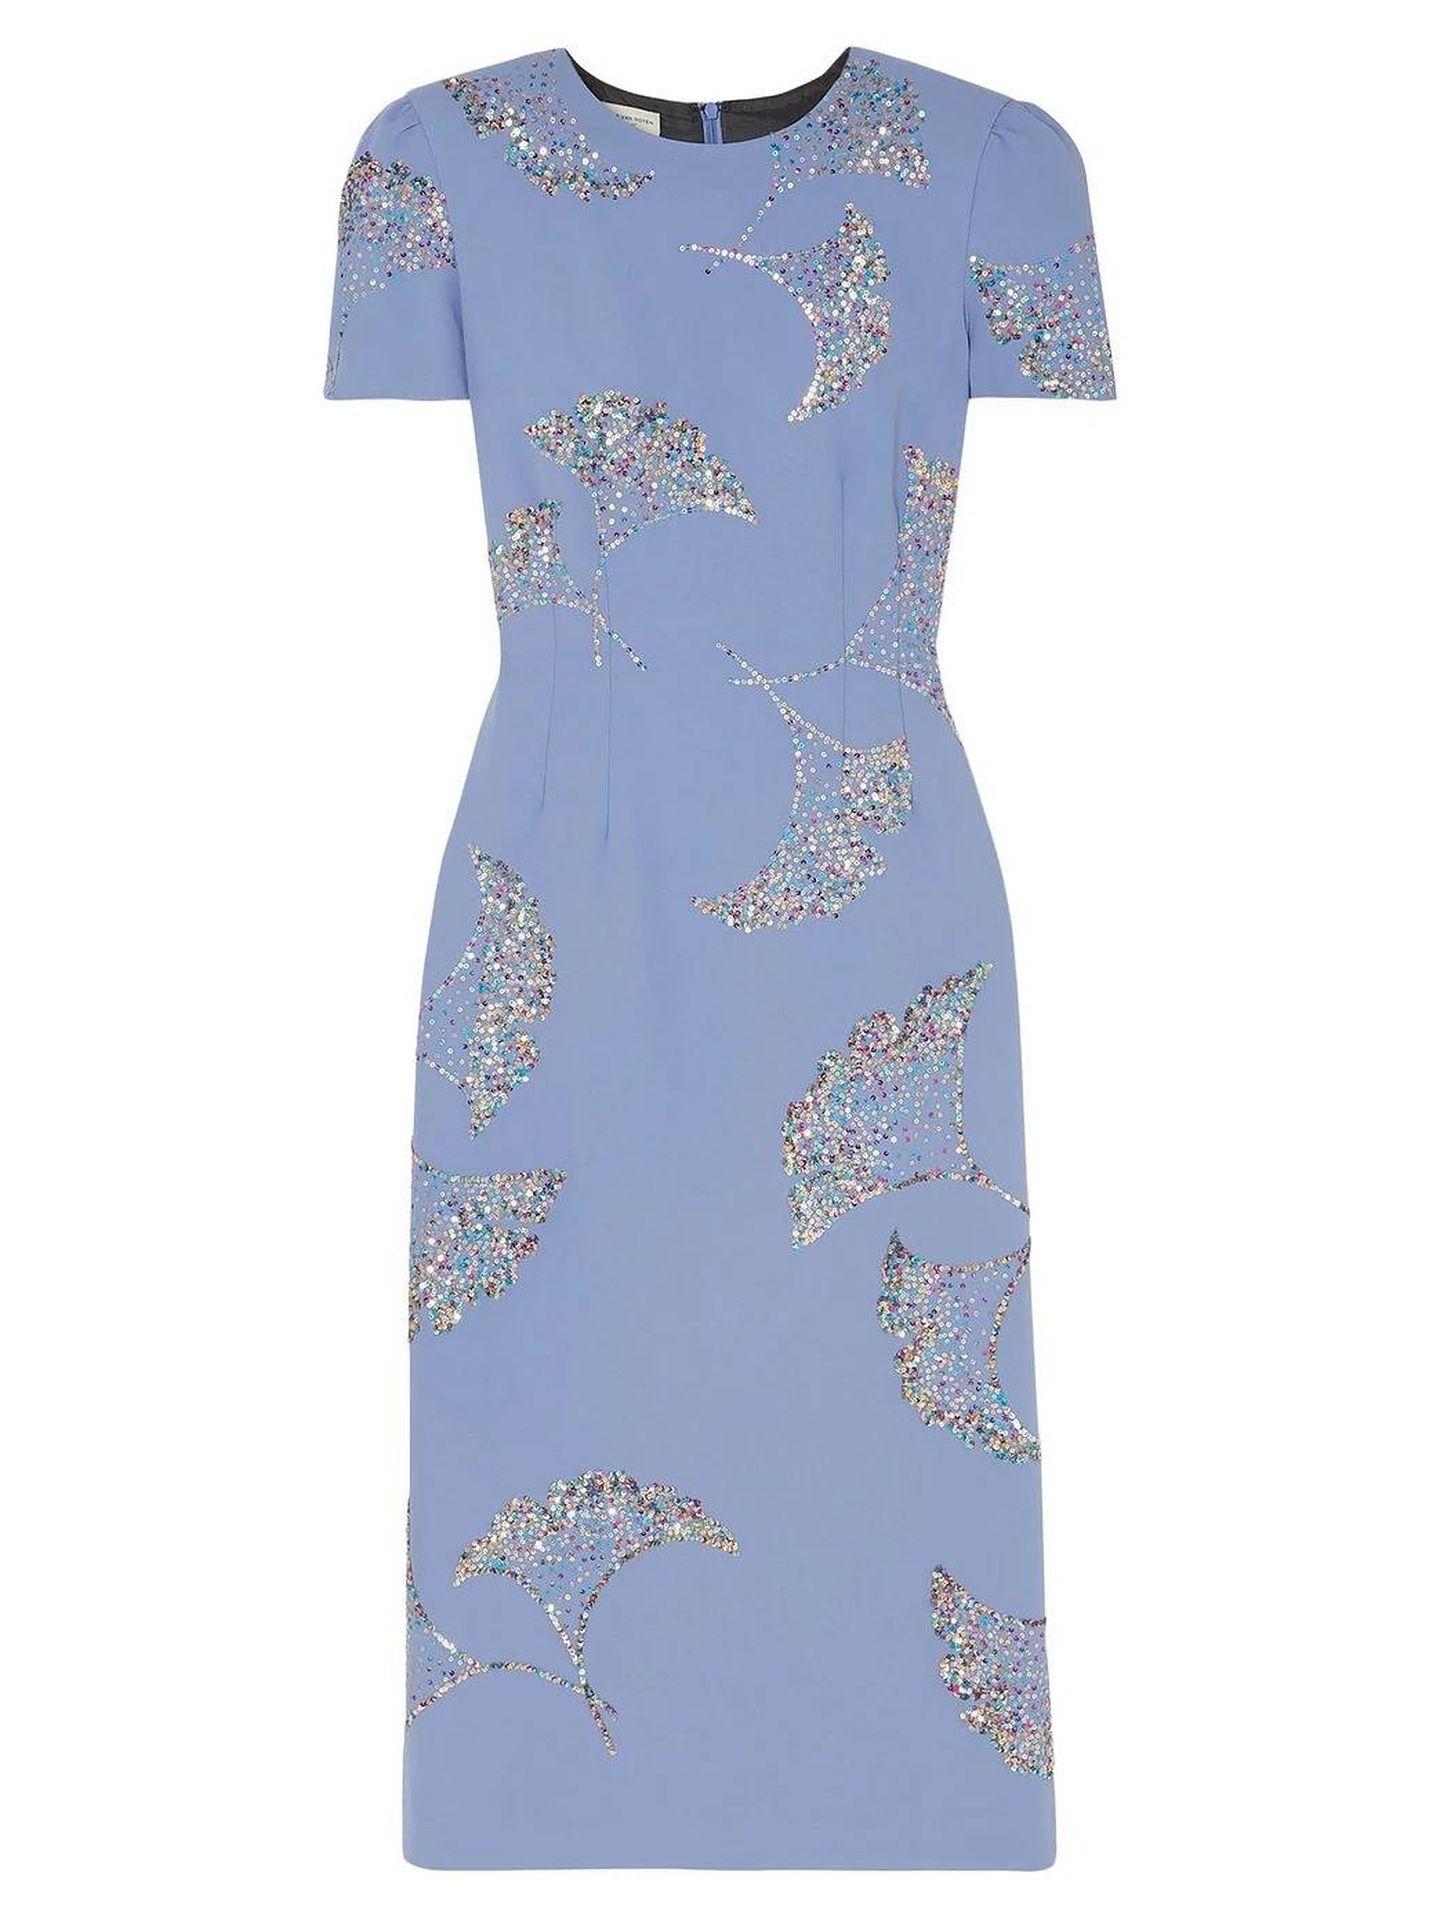 El vestido escogido por Carolina de Mónaco. (Dries Van Noten)